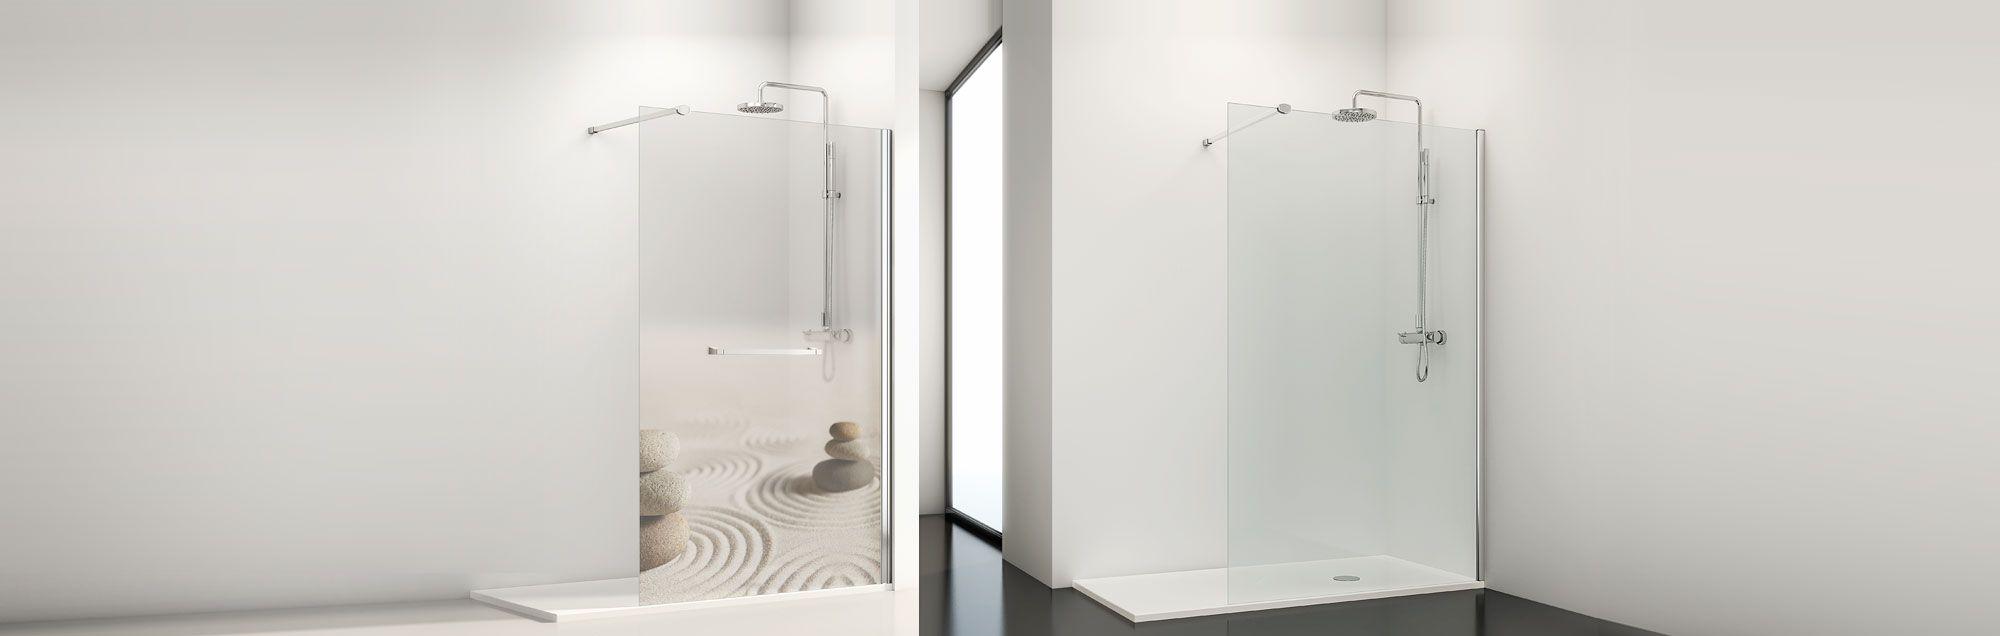 s rie fixes one parois walk in de douche sur mesure profiltek. Black Bedroom Furniture Sets. Home Design Ideas